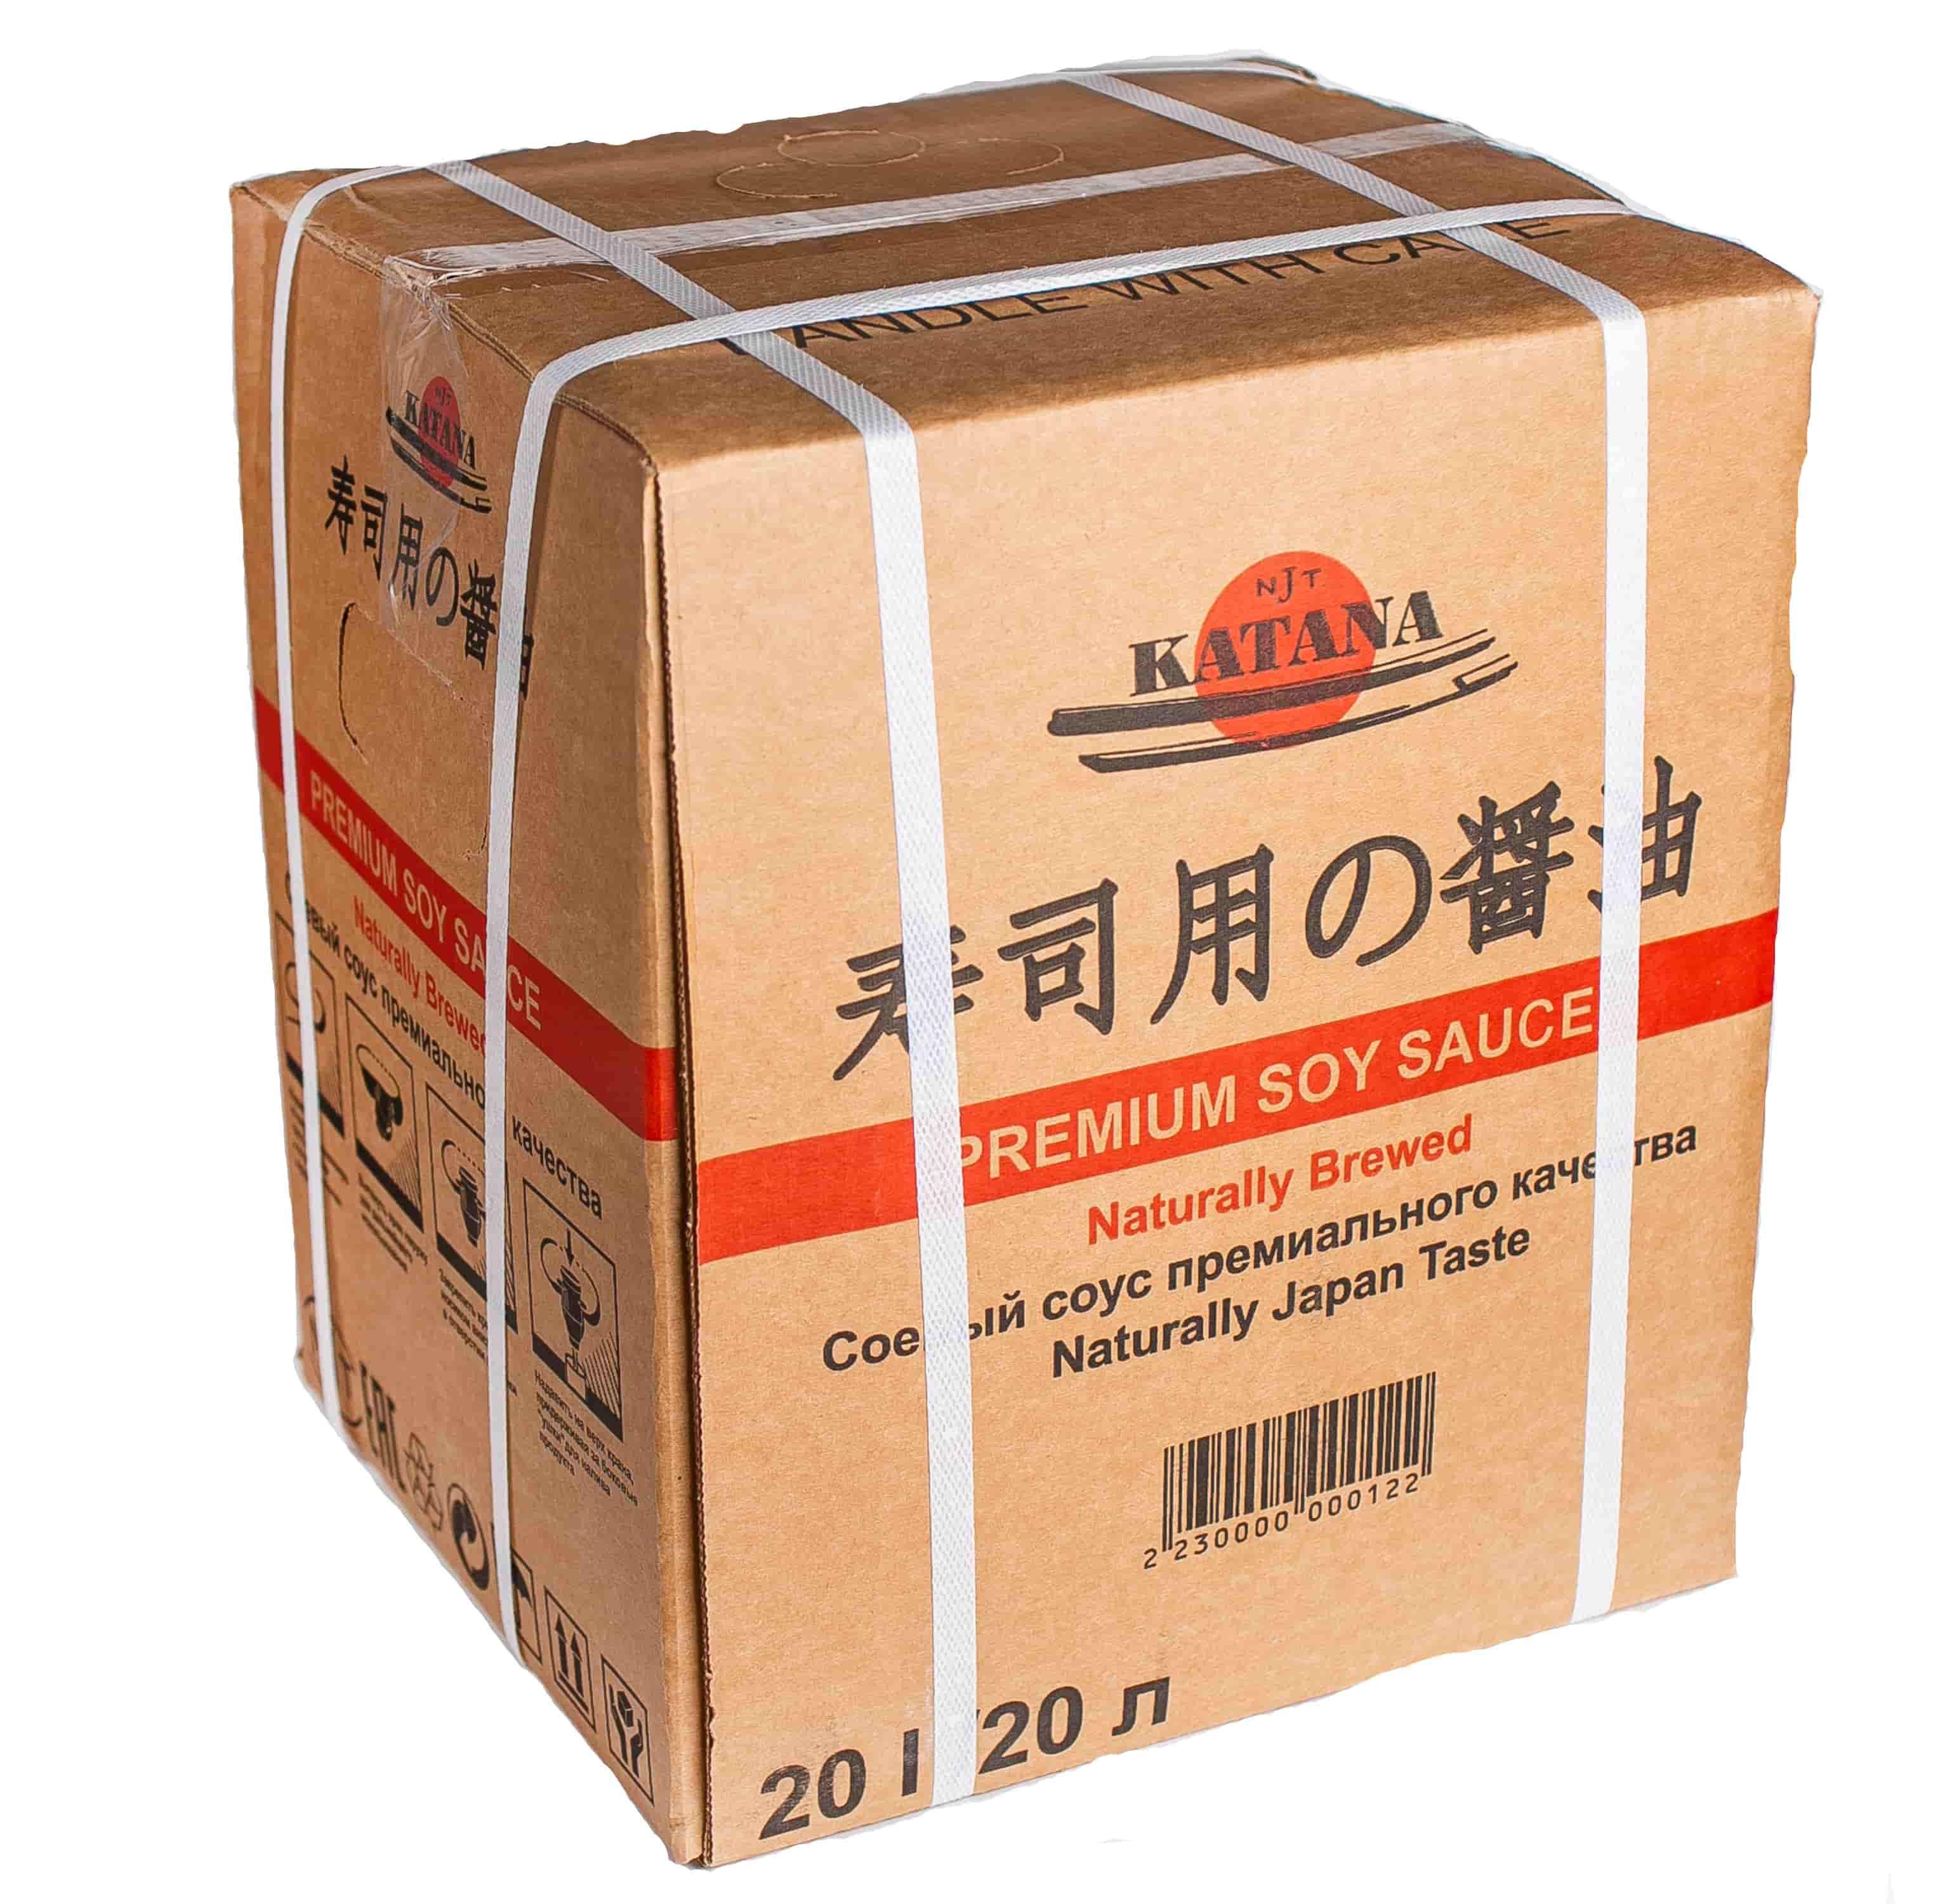 Katana soya sousu 20 lt çin və yapon mətbəxində əsas souslardan biridir.